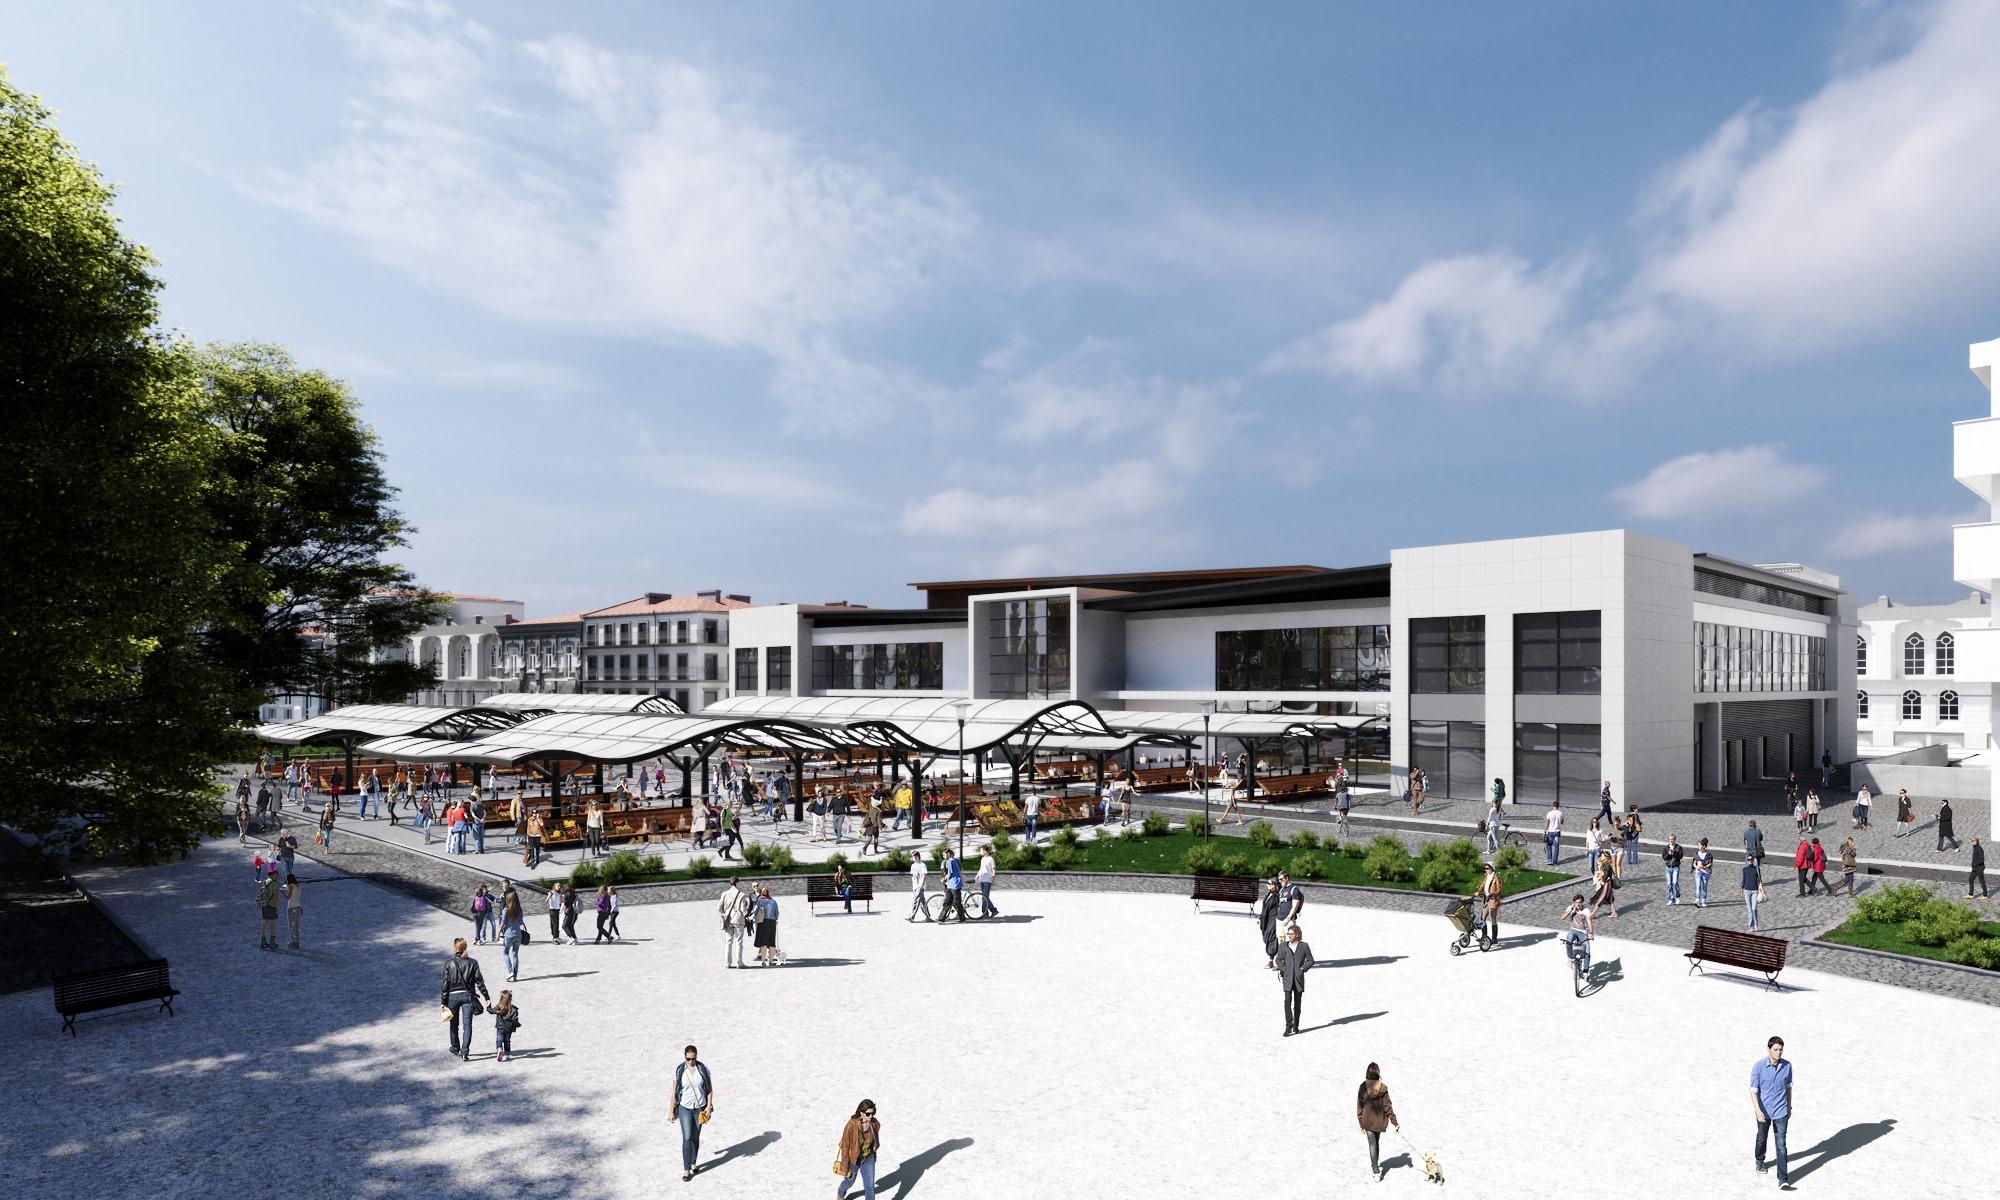 Câmara de Viana do Castelo mostra primeiras imagens do novo mercado municipal